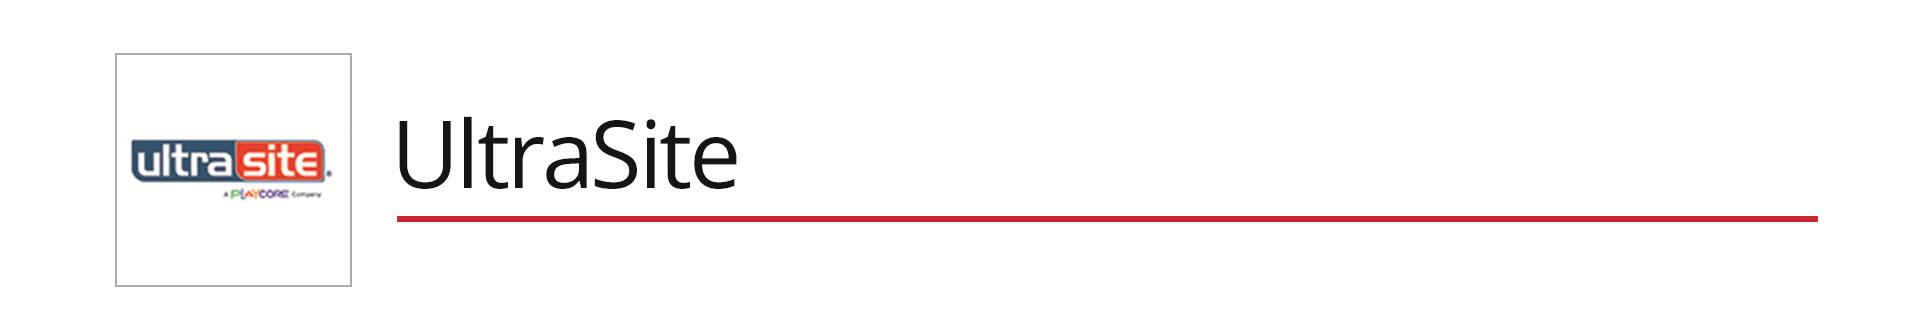 UltraSite_CADBlock-Header.jpg